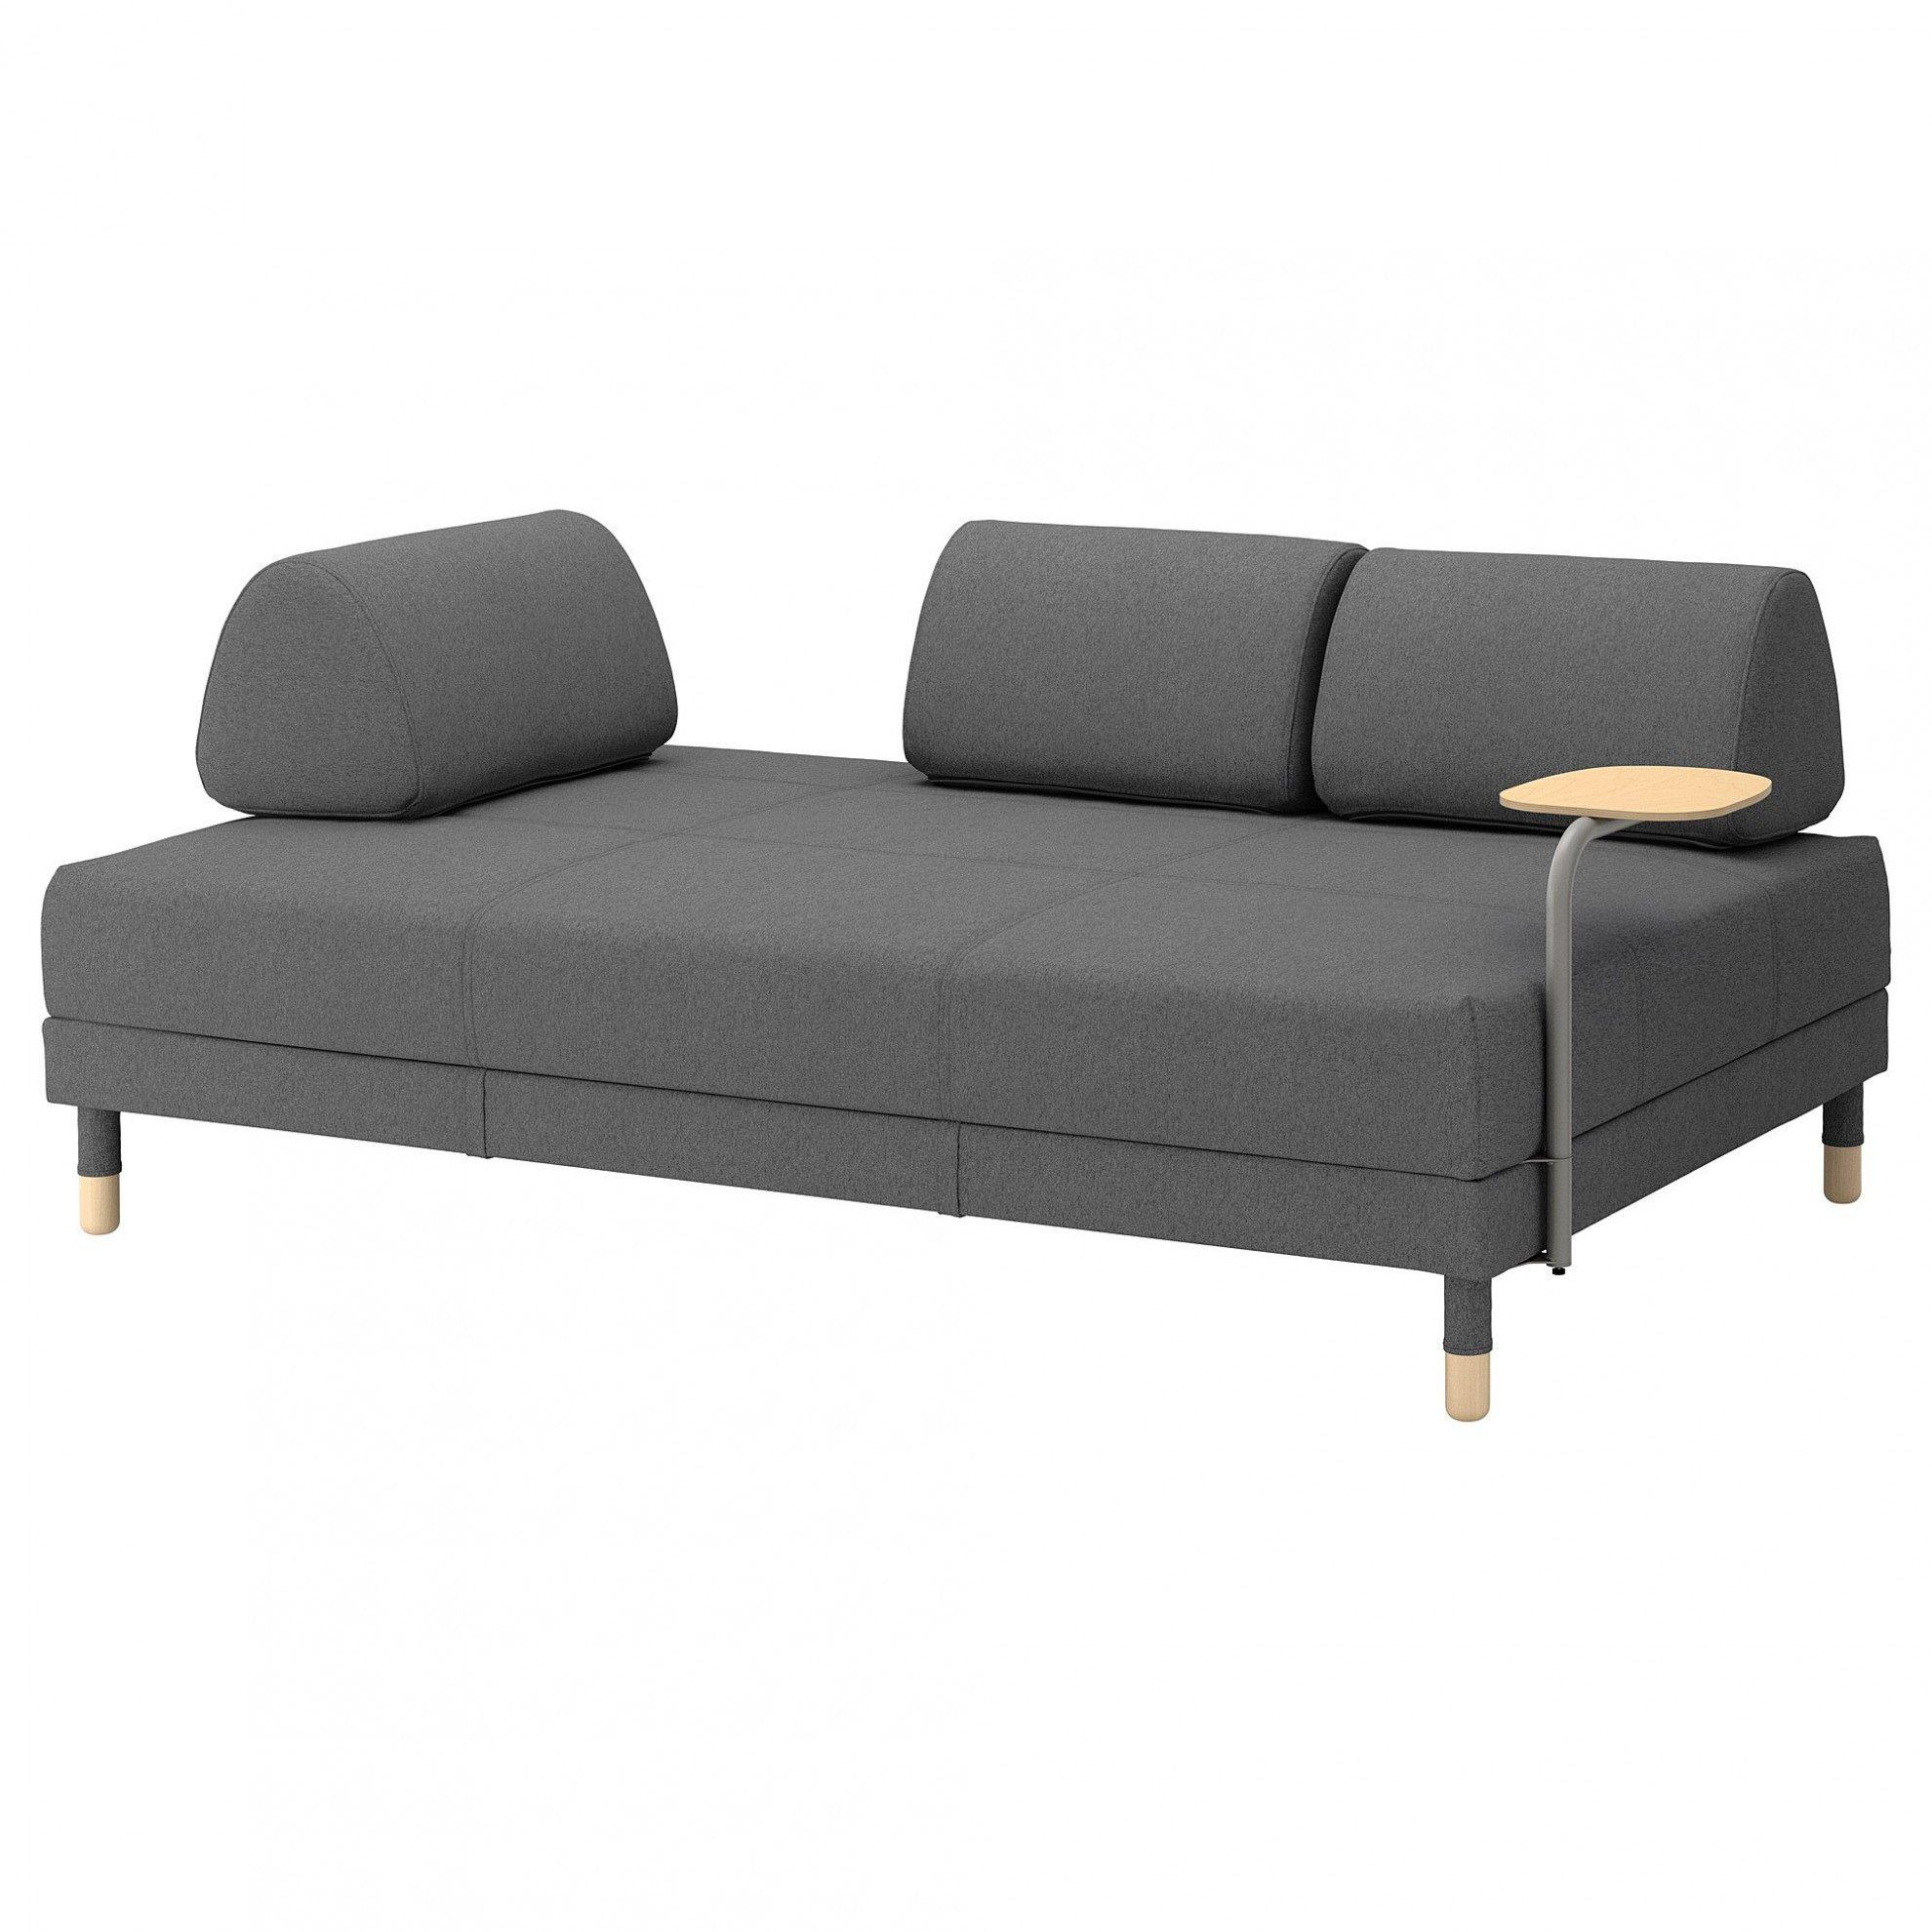 Lit Superposé Bois Joli Entra Nant Lit Superposé Avec Canapé Sur Lit Biné Armoire Fresh Lit